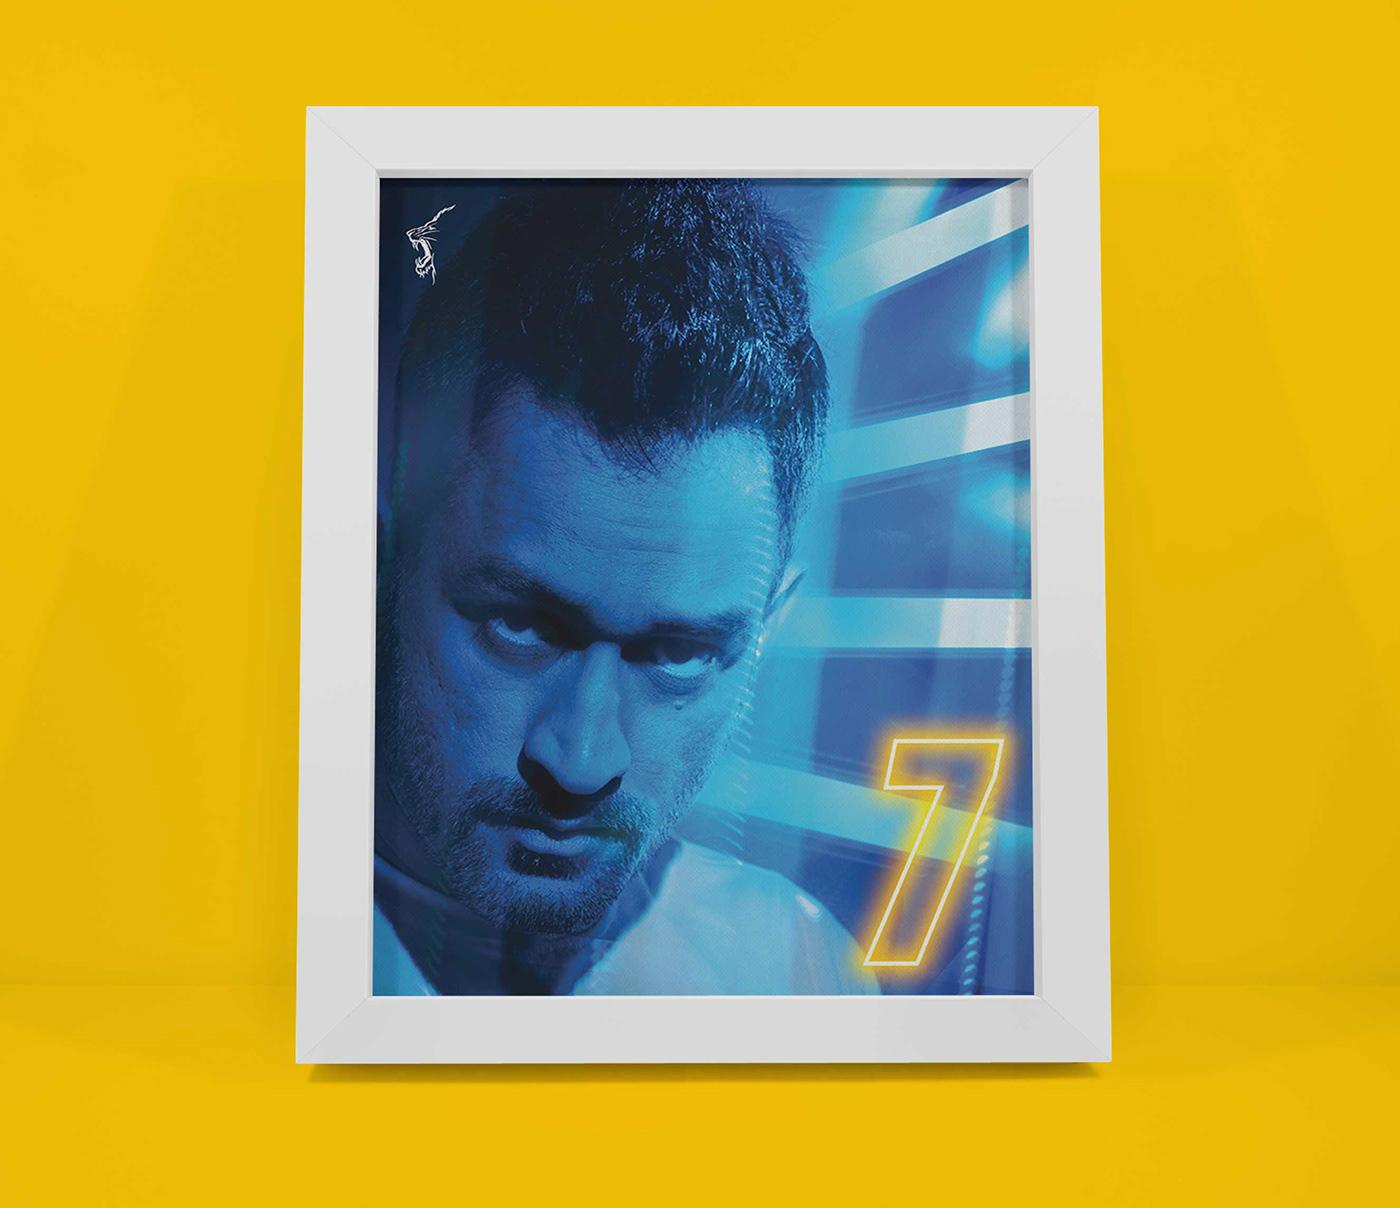 chennai super kings Cricket csk Dhoni raina sports Sports Design